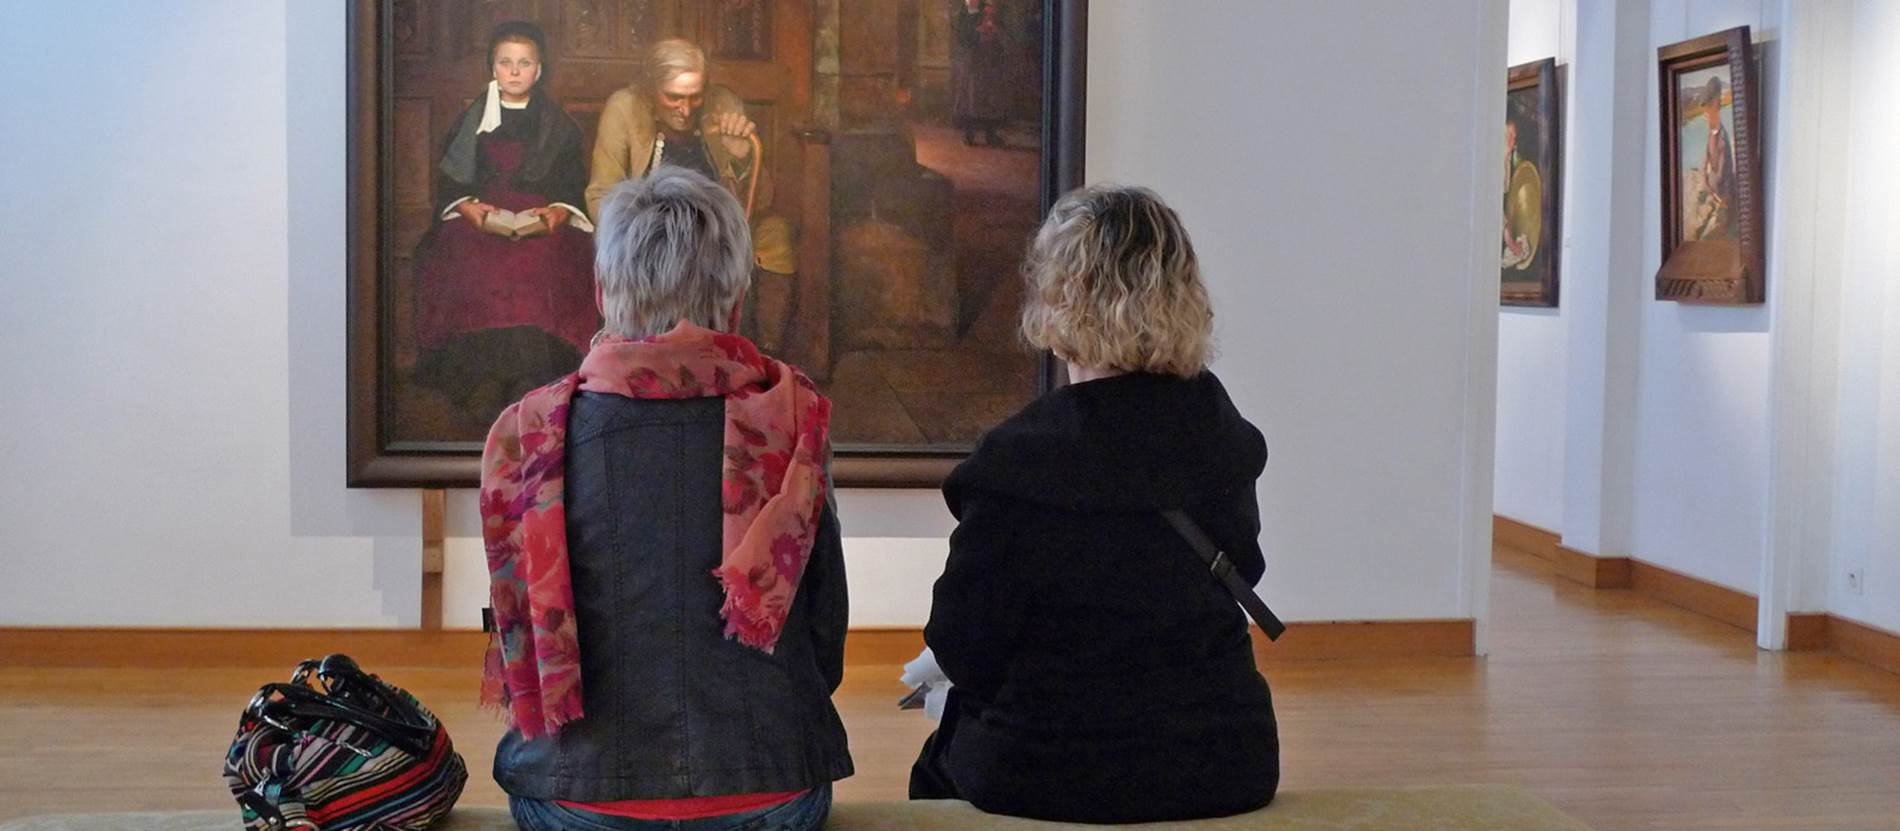 Contemplation © Karin Erni ©